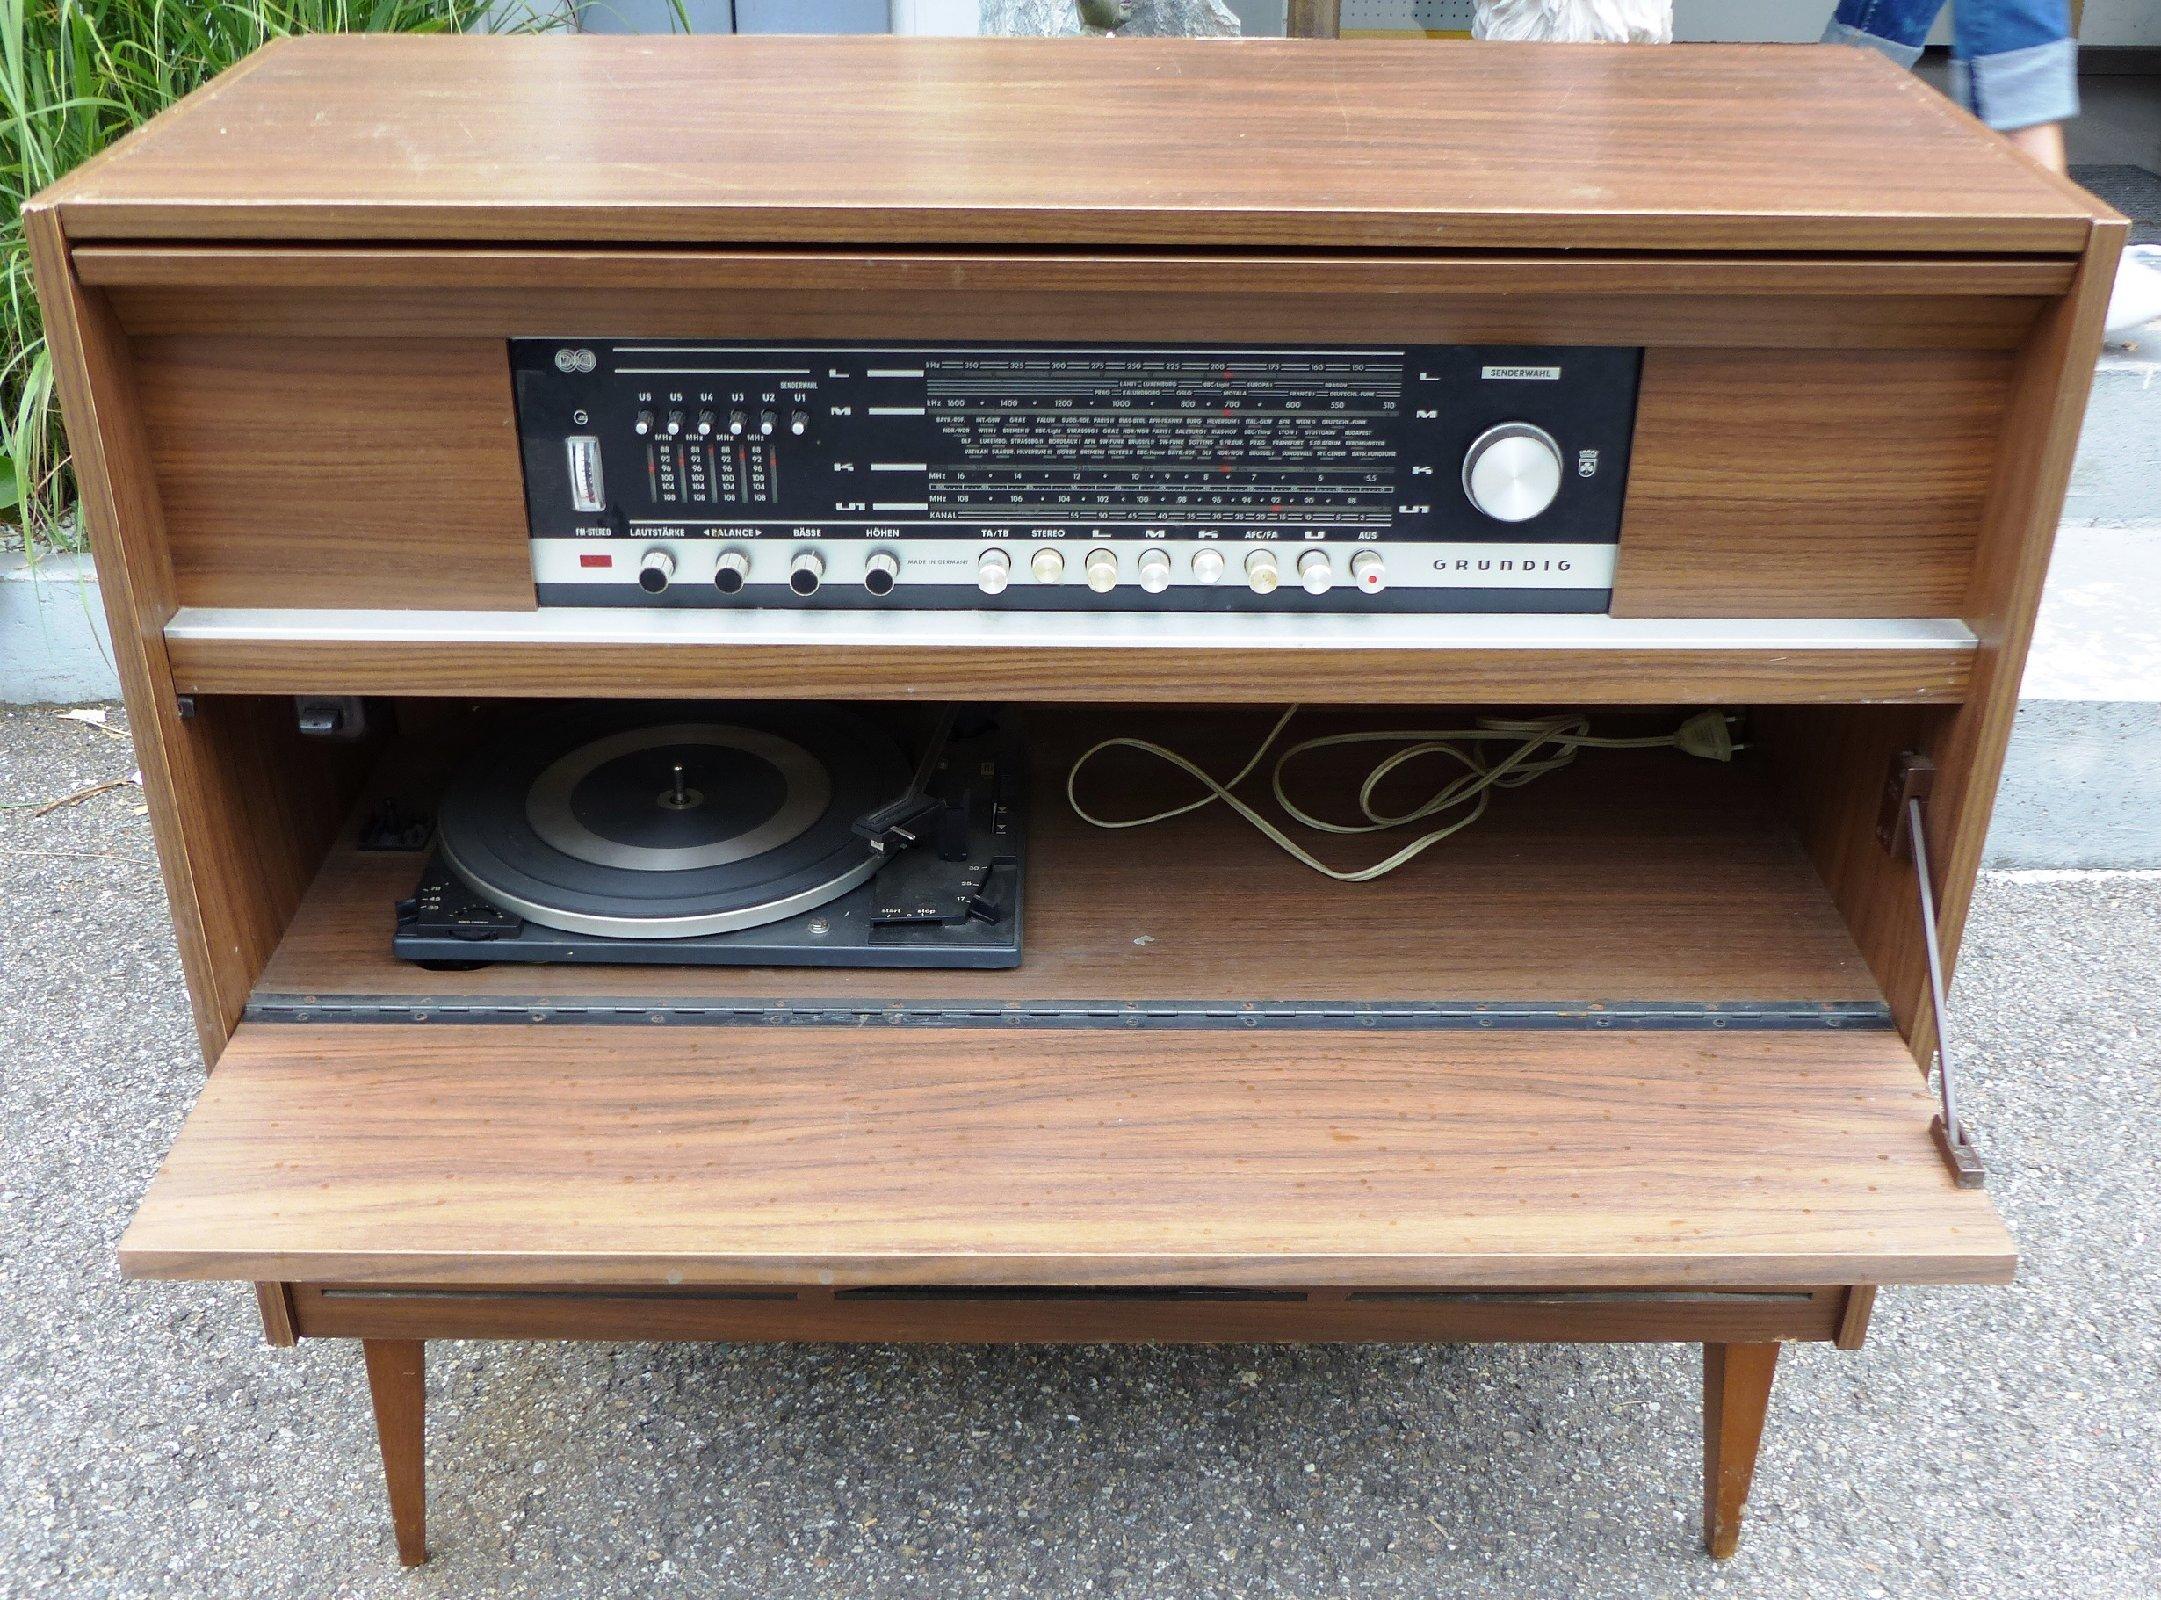 grundig stereo konzertschrank verdi 3 stereoanlage plattenspieler radio musik ebay. Black Bedroom Furniture Sets. Home Design Ideas